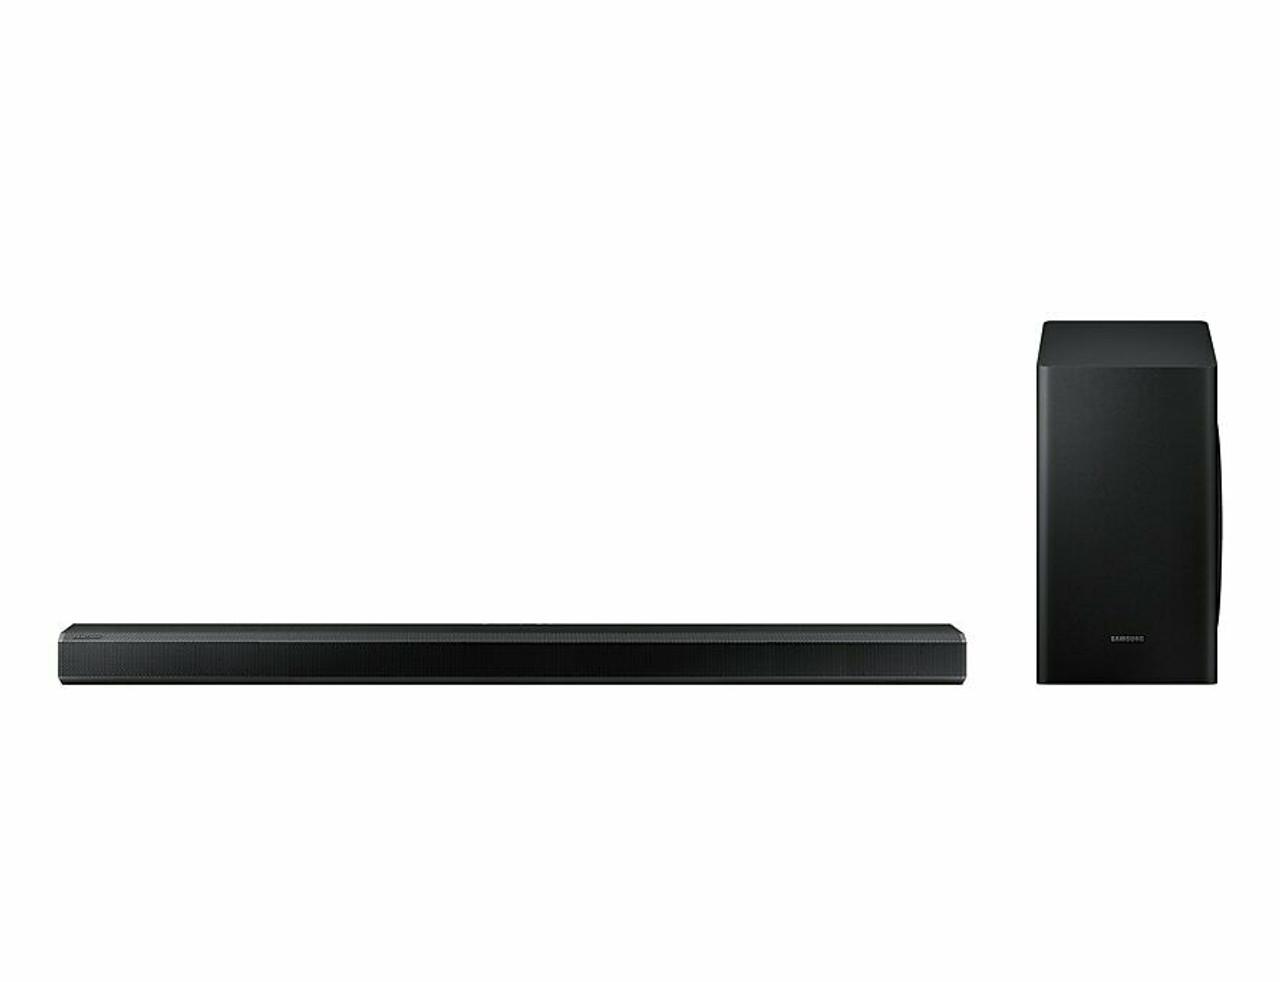 Samsung HW-Q70T HW-Q70T/XY 3.1.2ch Soundbar w Dolby ATMOS & DTS:X - LAST 2!